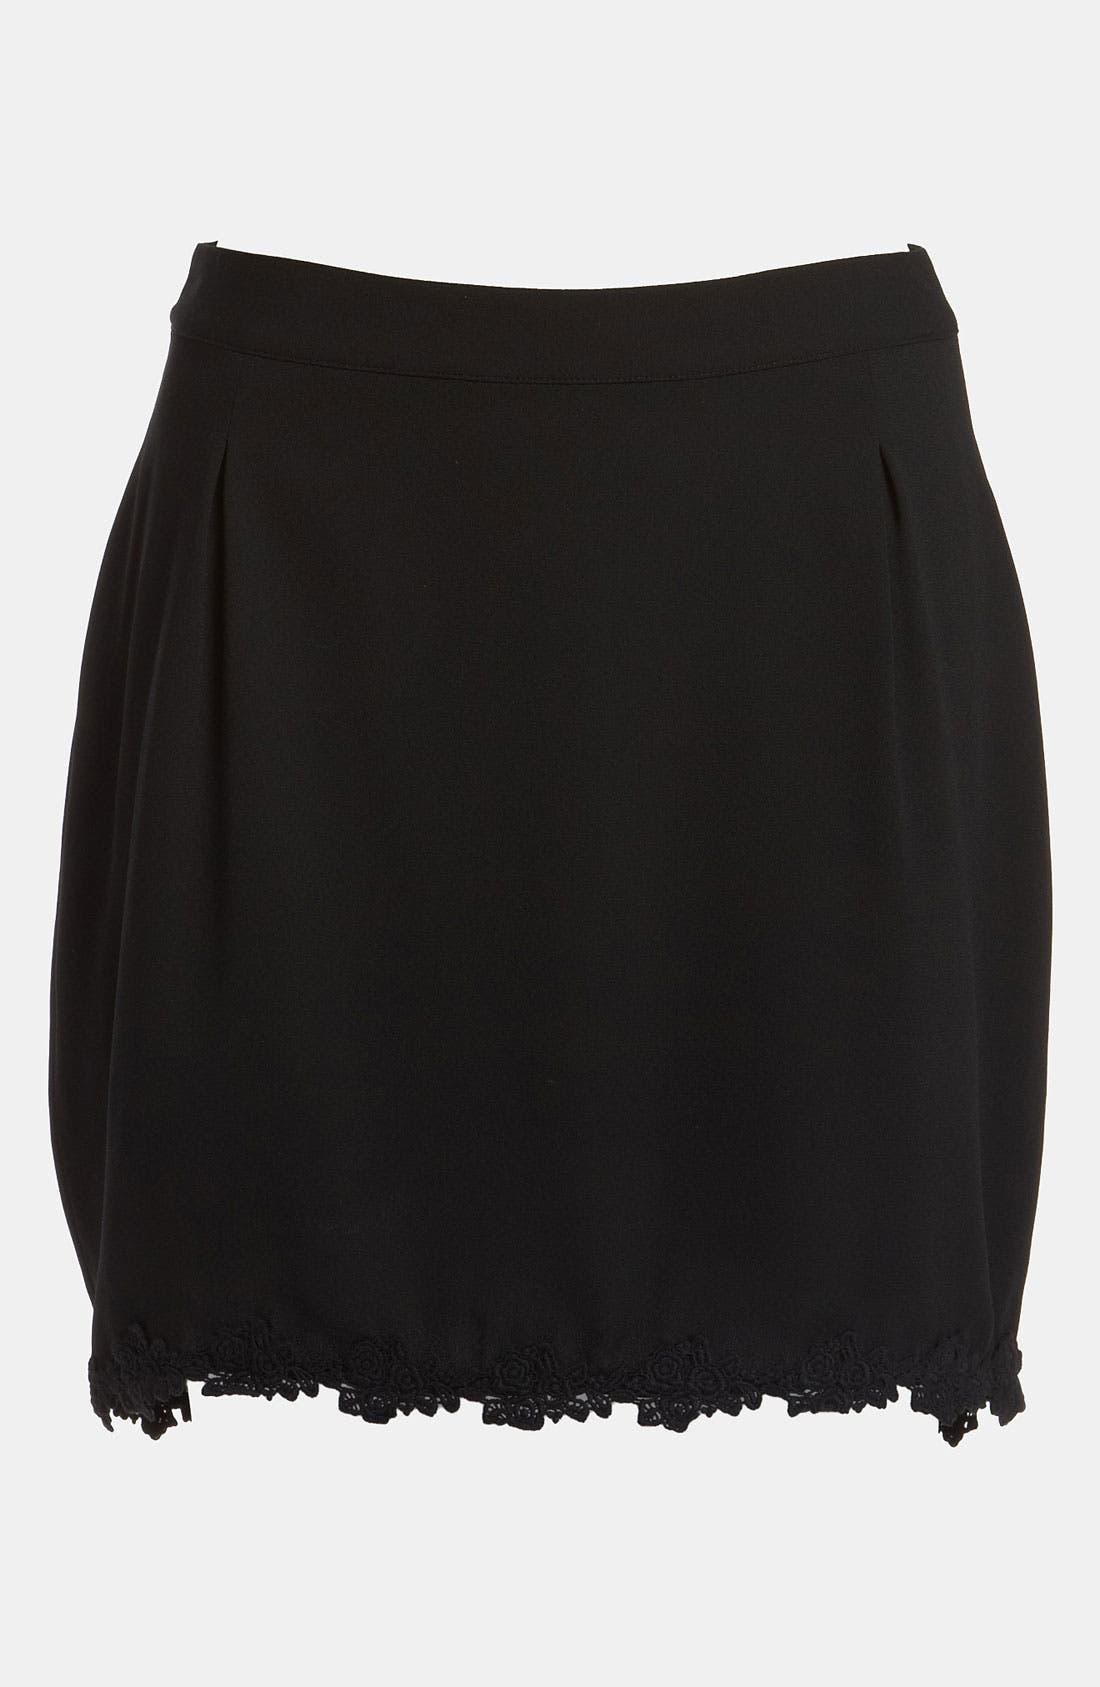 Main Image - Tildon 'Bustle' High/Low Skirt